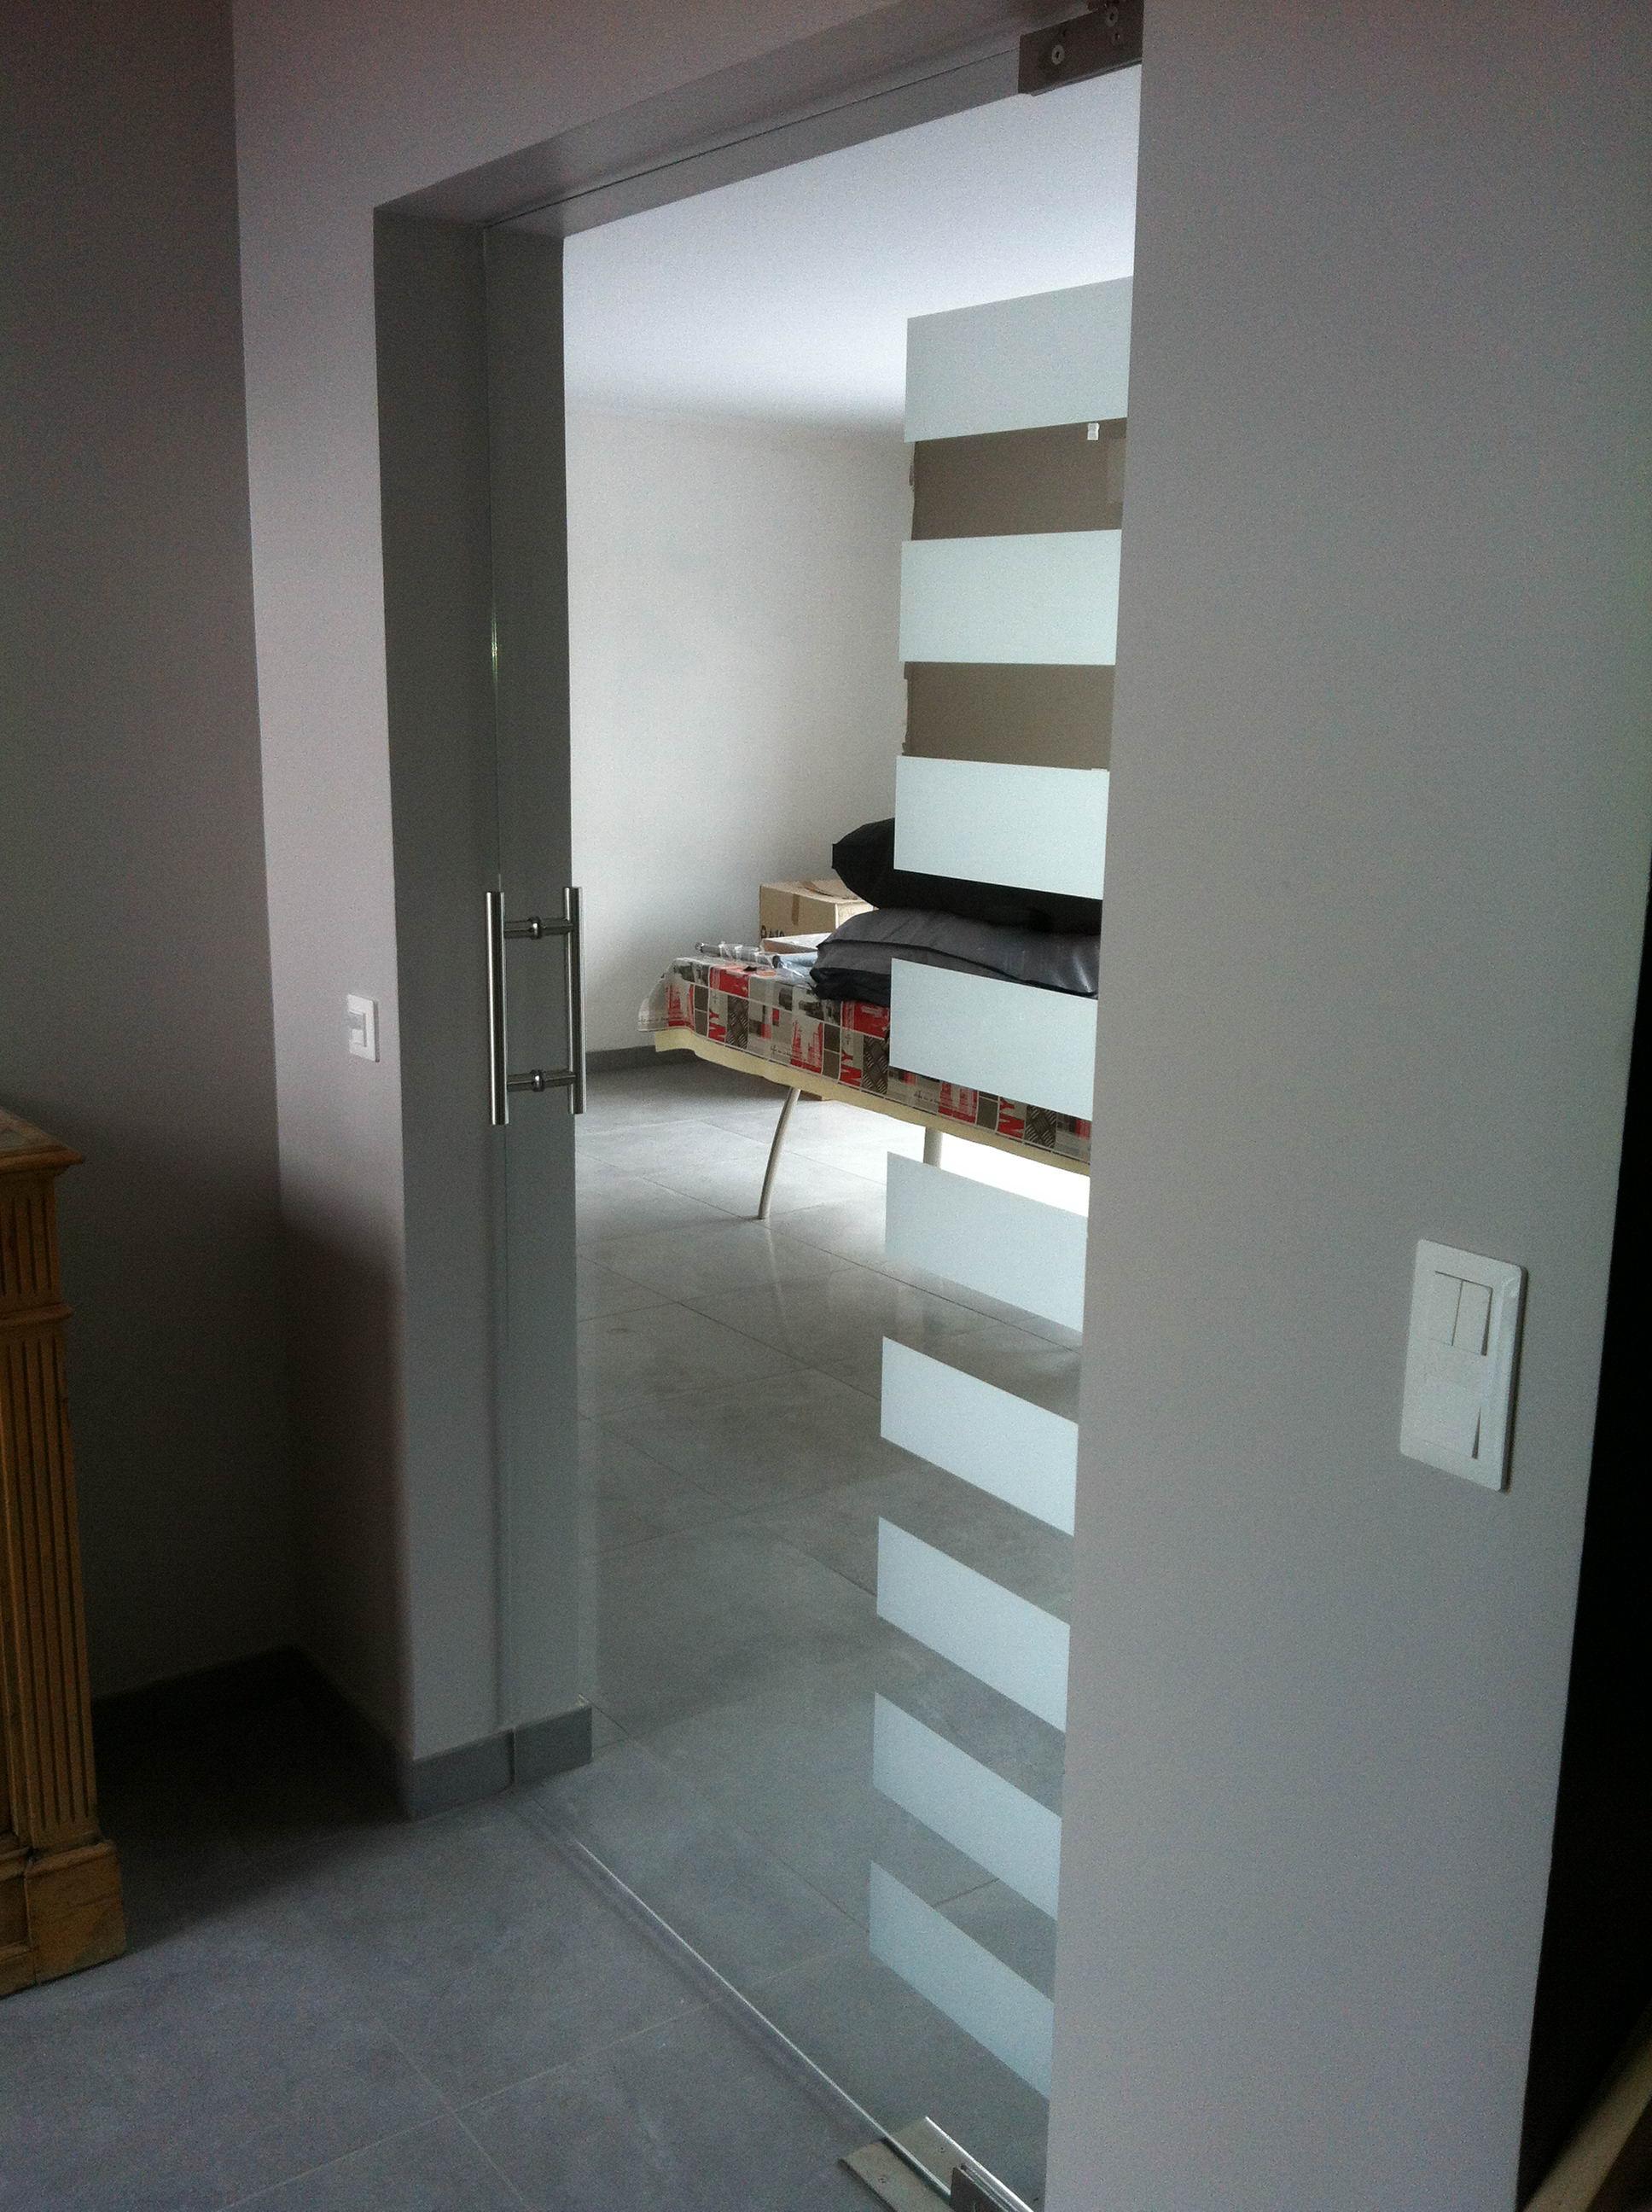 beautiful porte sur pivot photos. Black Bedroom Furniture Sets. Home Design Ideas